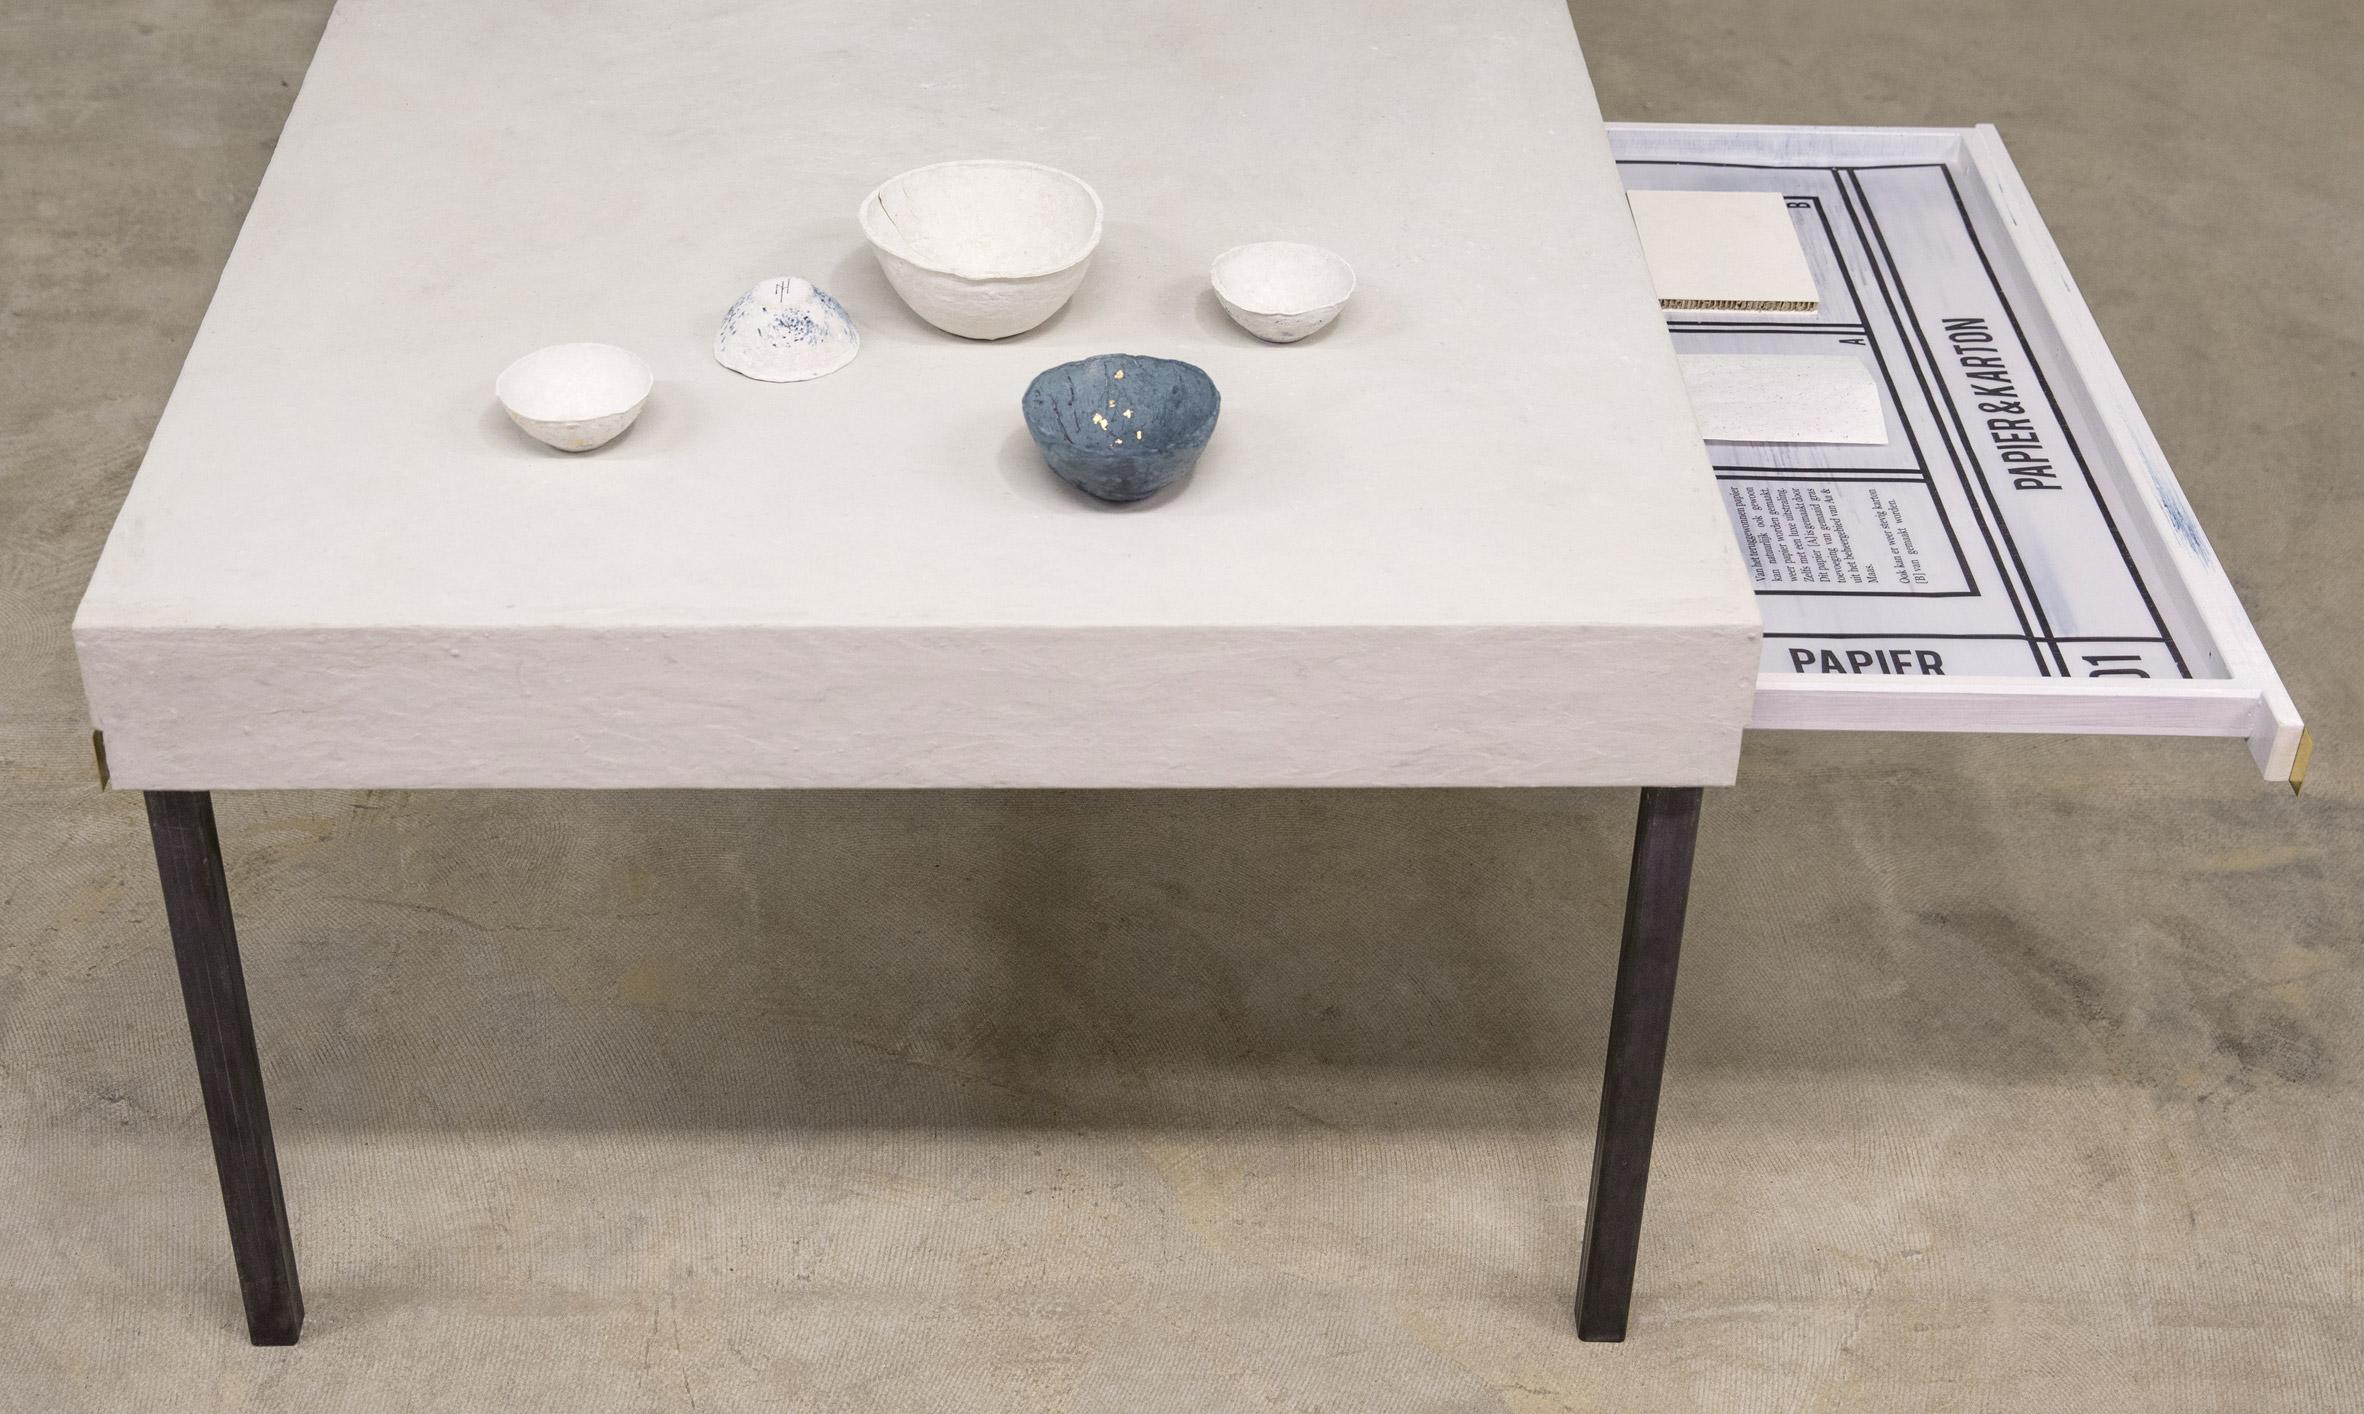 sea-me-recycled-toilet-paper-homeware-corckery-design-studio-nienke-hoogvliet-netherlands_dezeen_2364_col_7